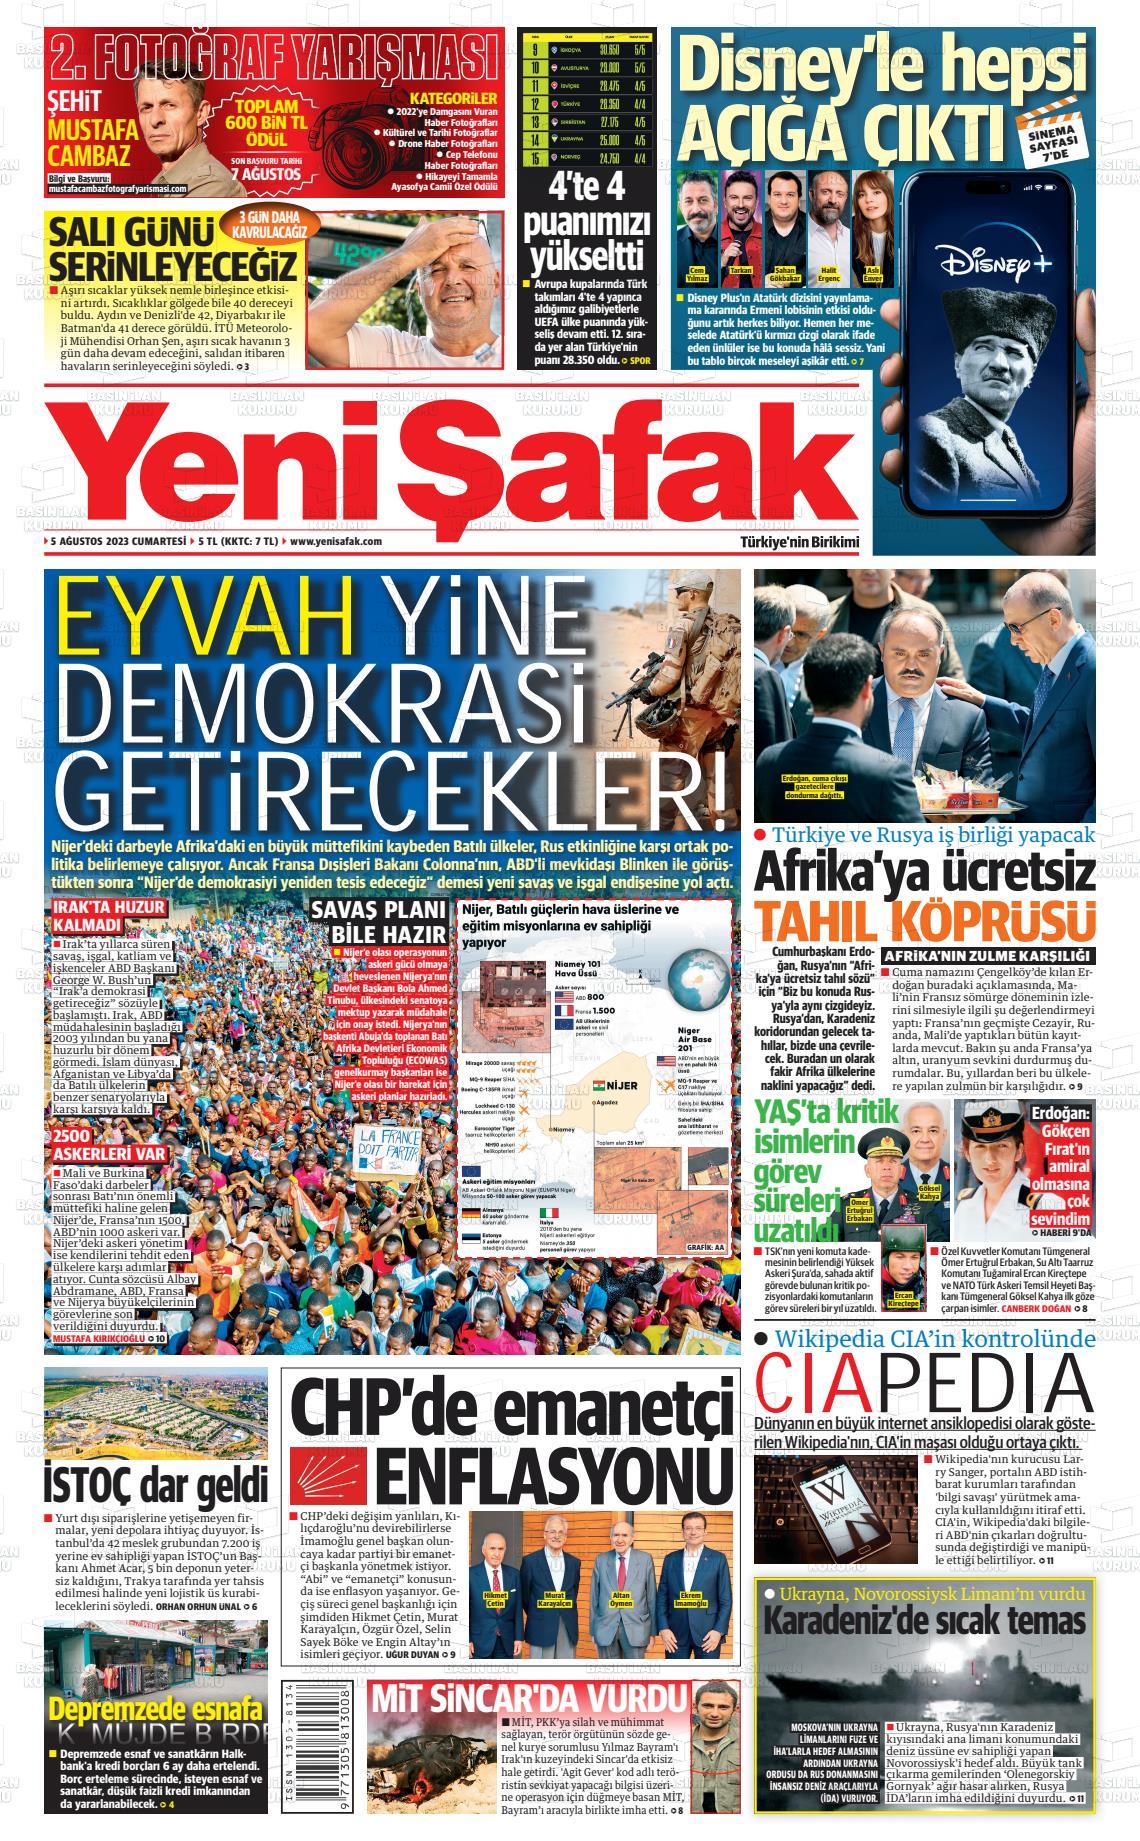 25 Ocak 2020, Cumartesi yenisafak Gazetesi